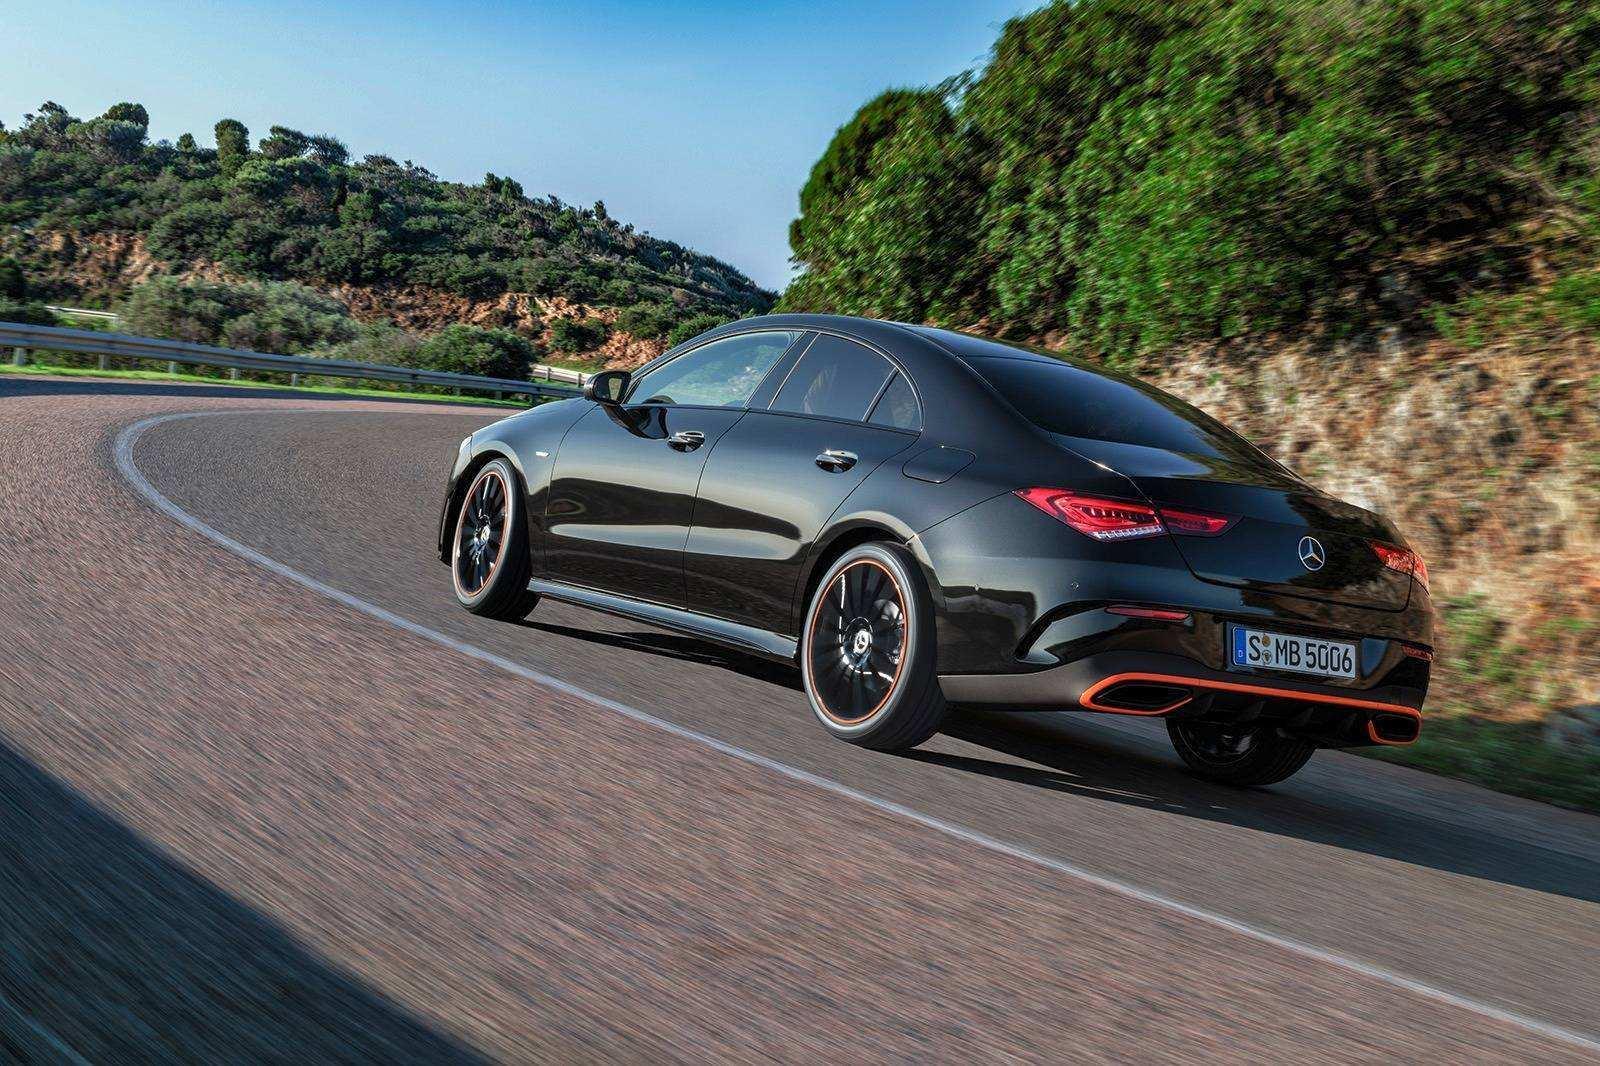 70 New Mercedes 2020 Hatchback First Drive for Mercedes 2020 Hatchback